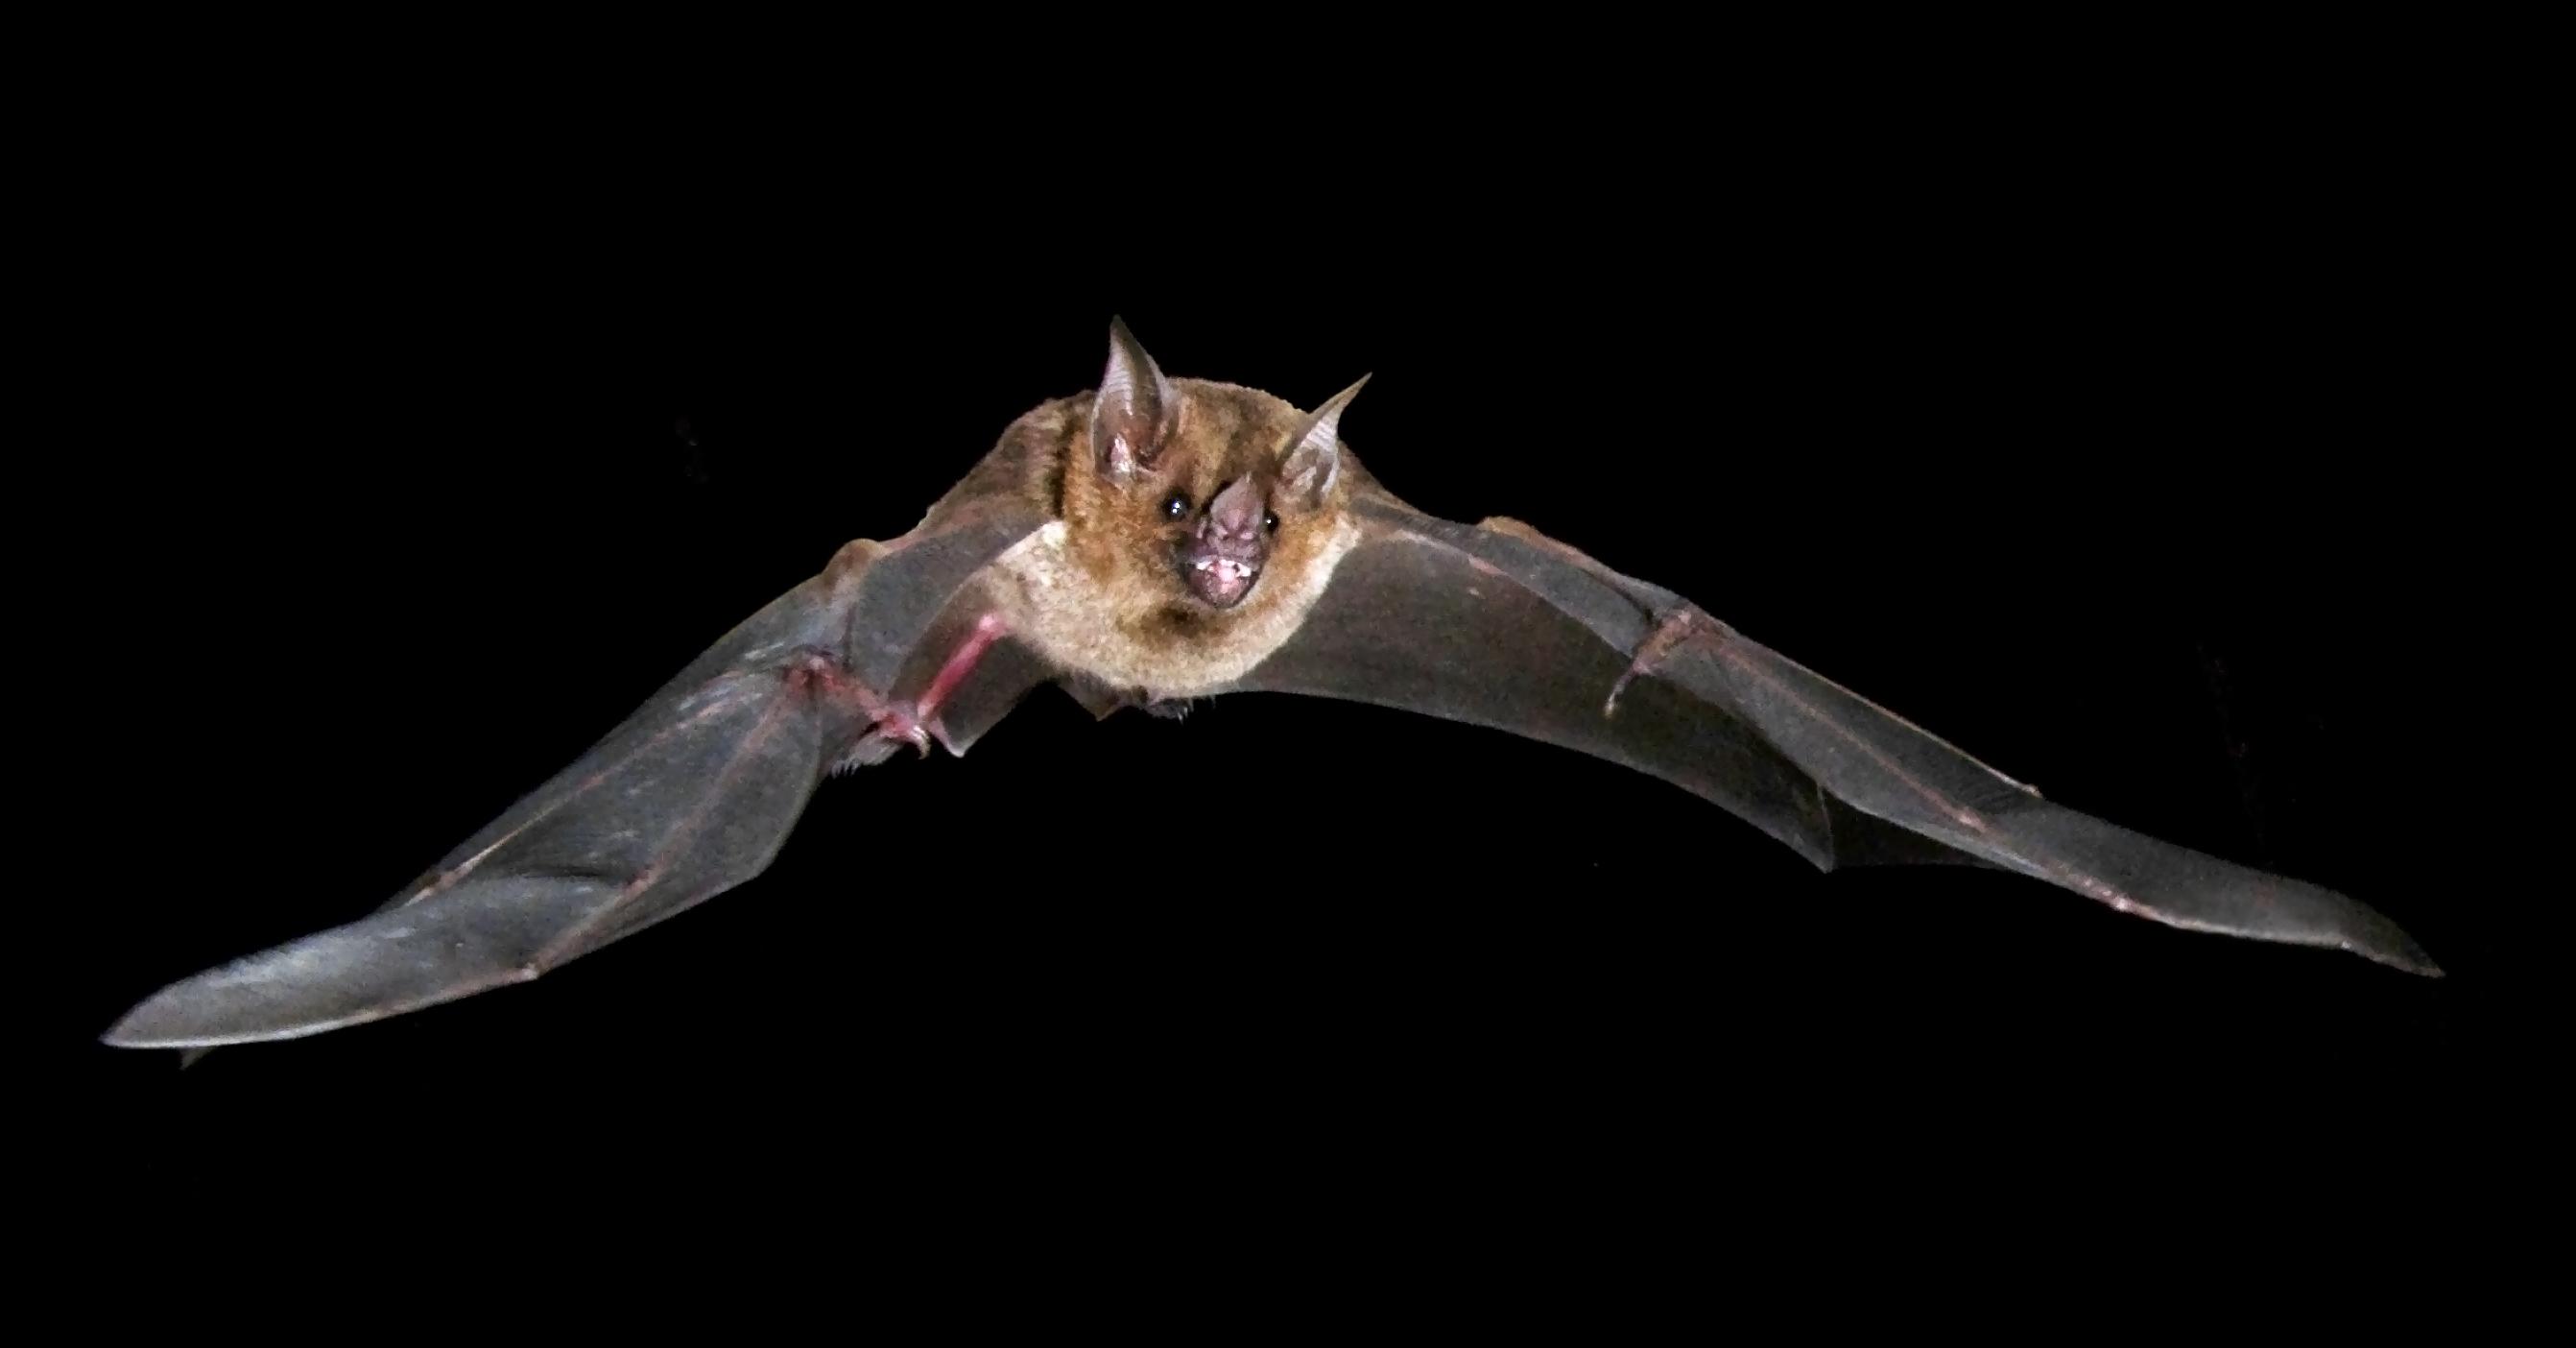 Bat Wing Muscle Anatomy